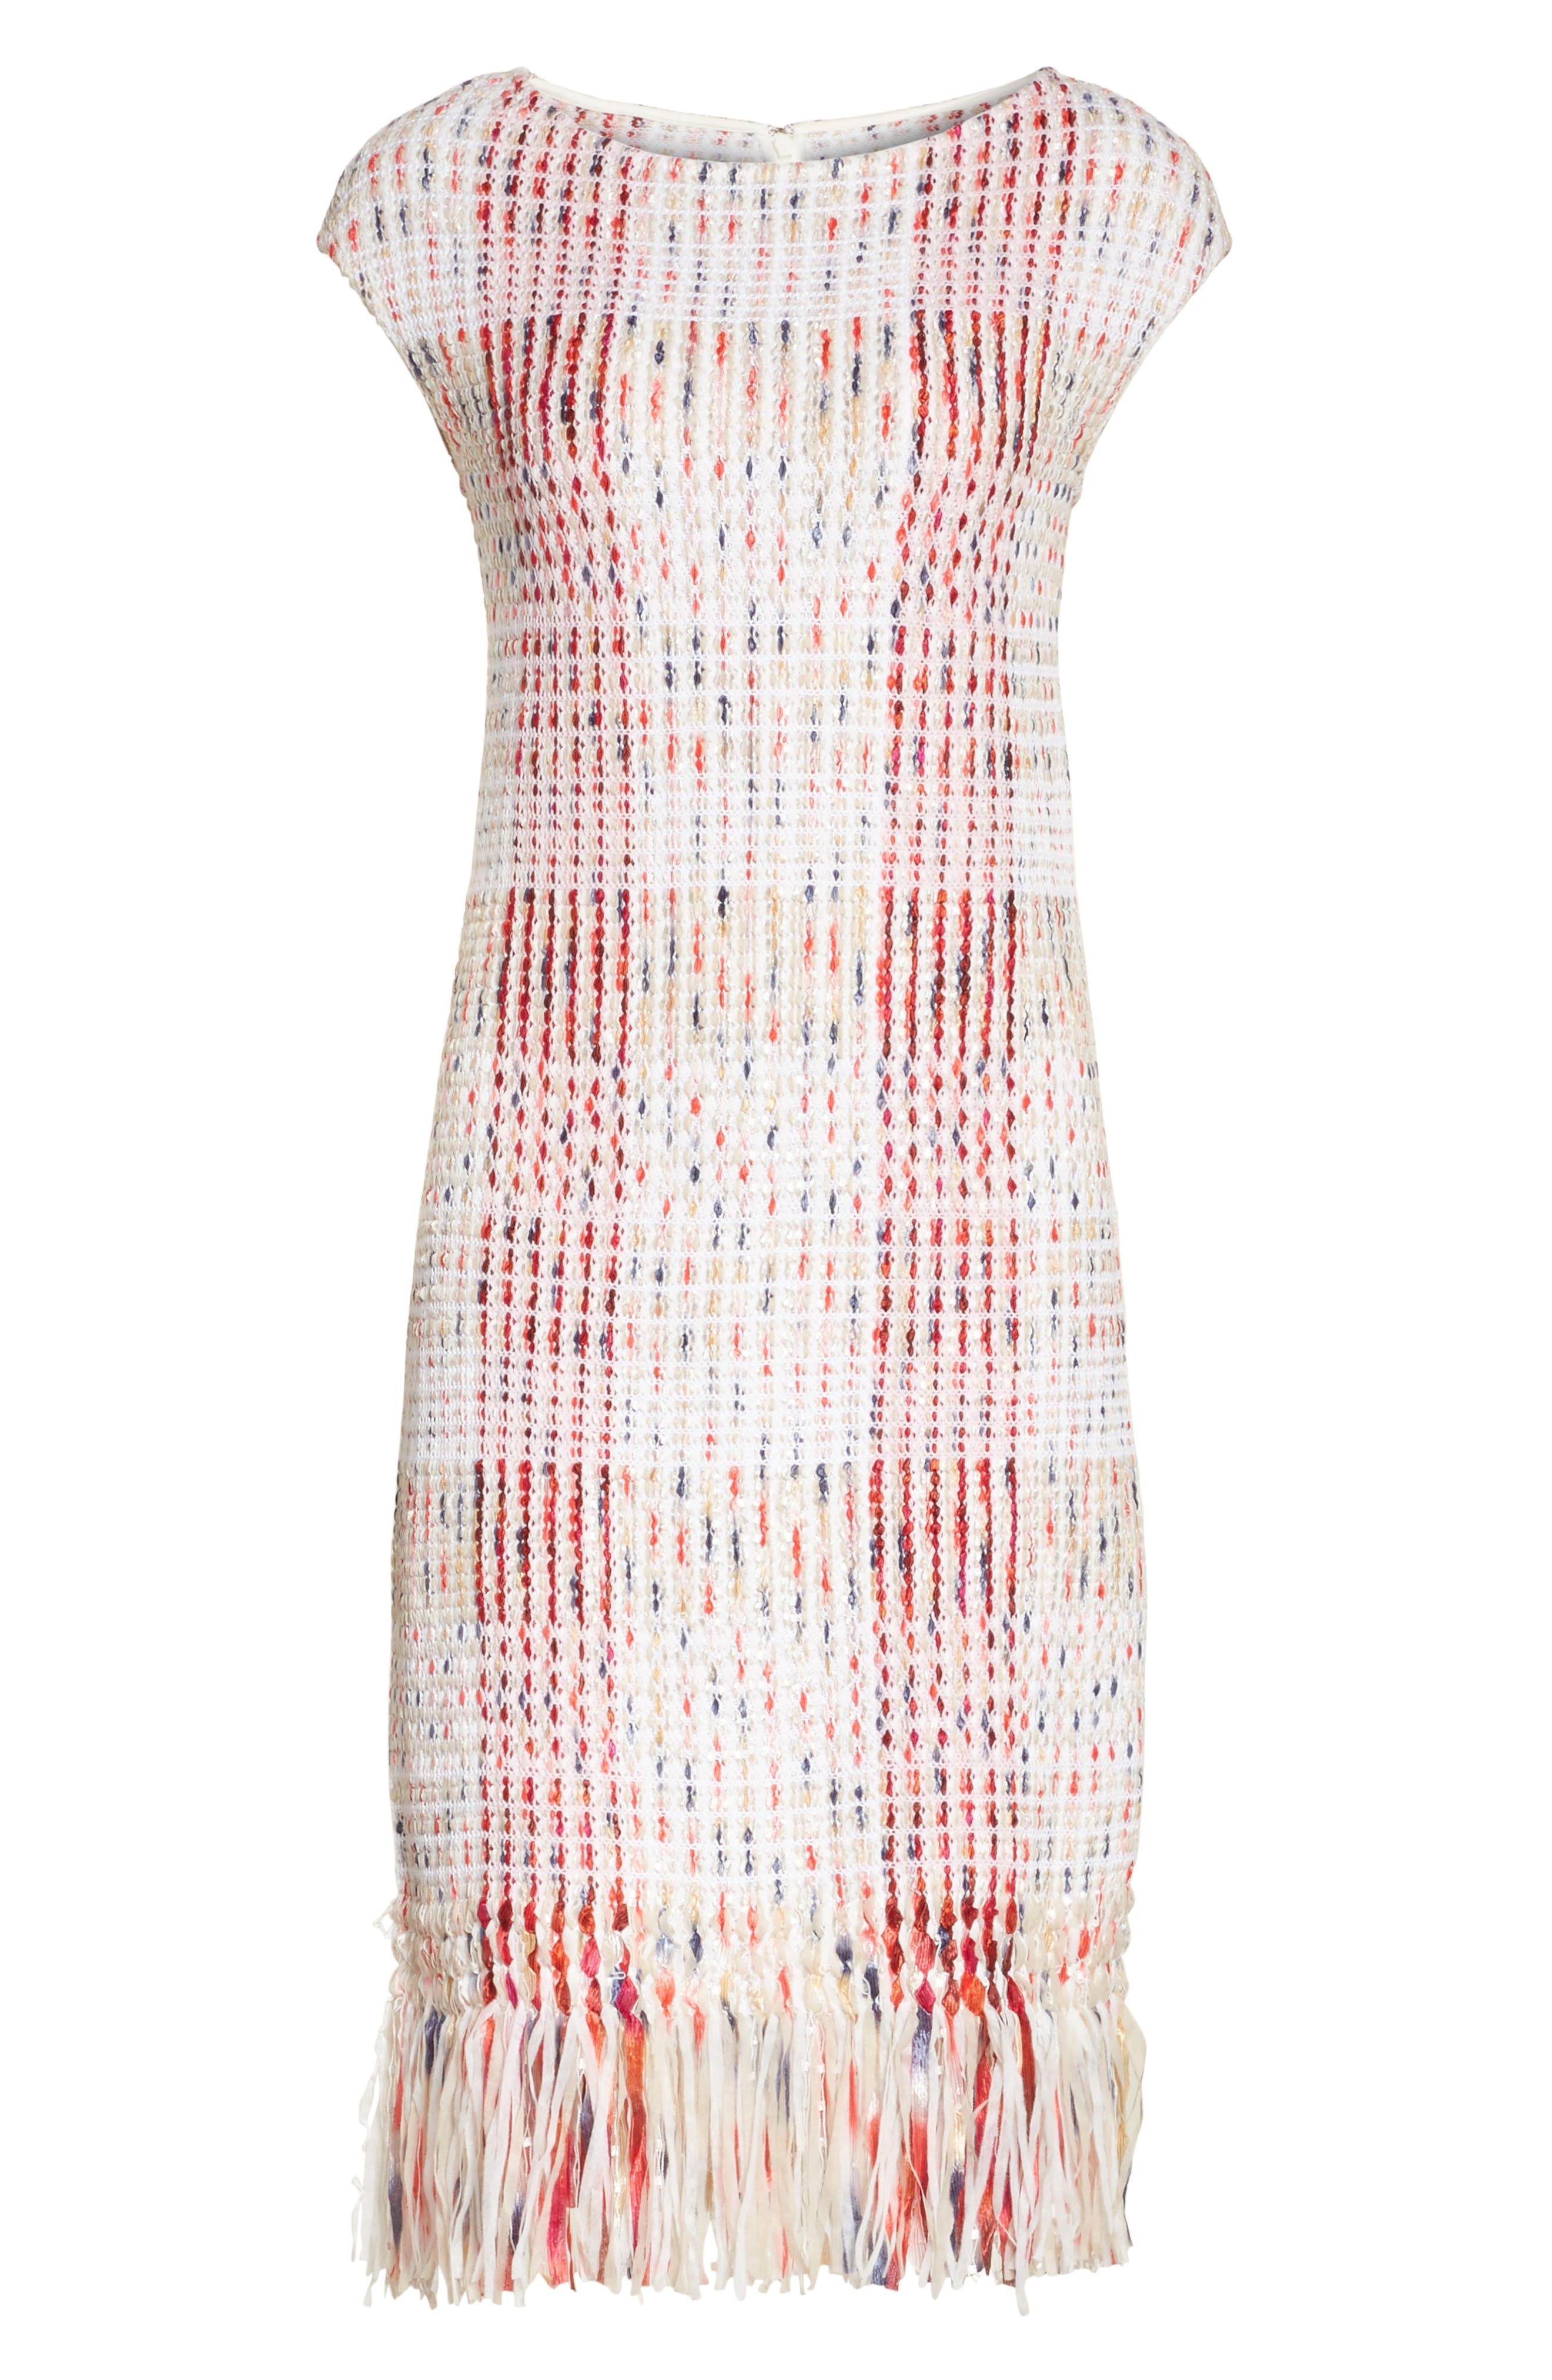 Ribbon Macro Plaid Knit Dress,                             Alternate thumbnail 6, color,                             660